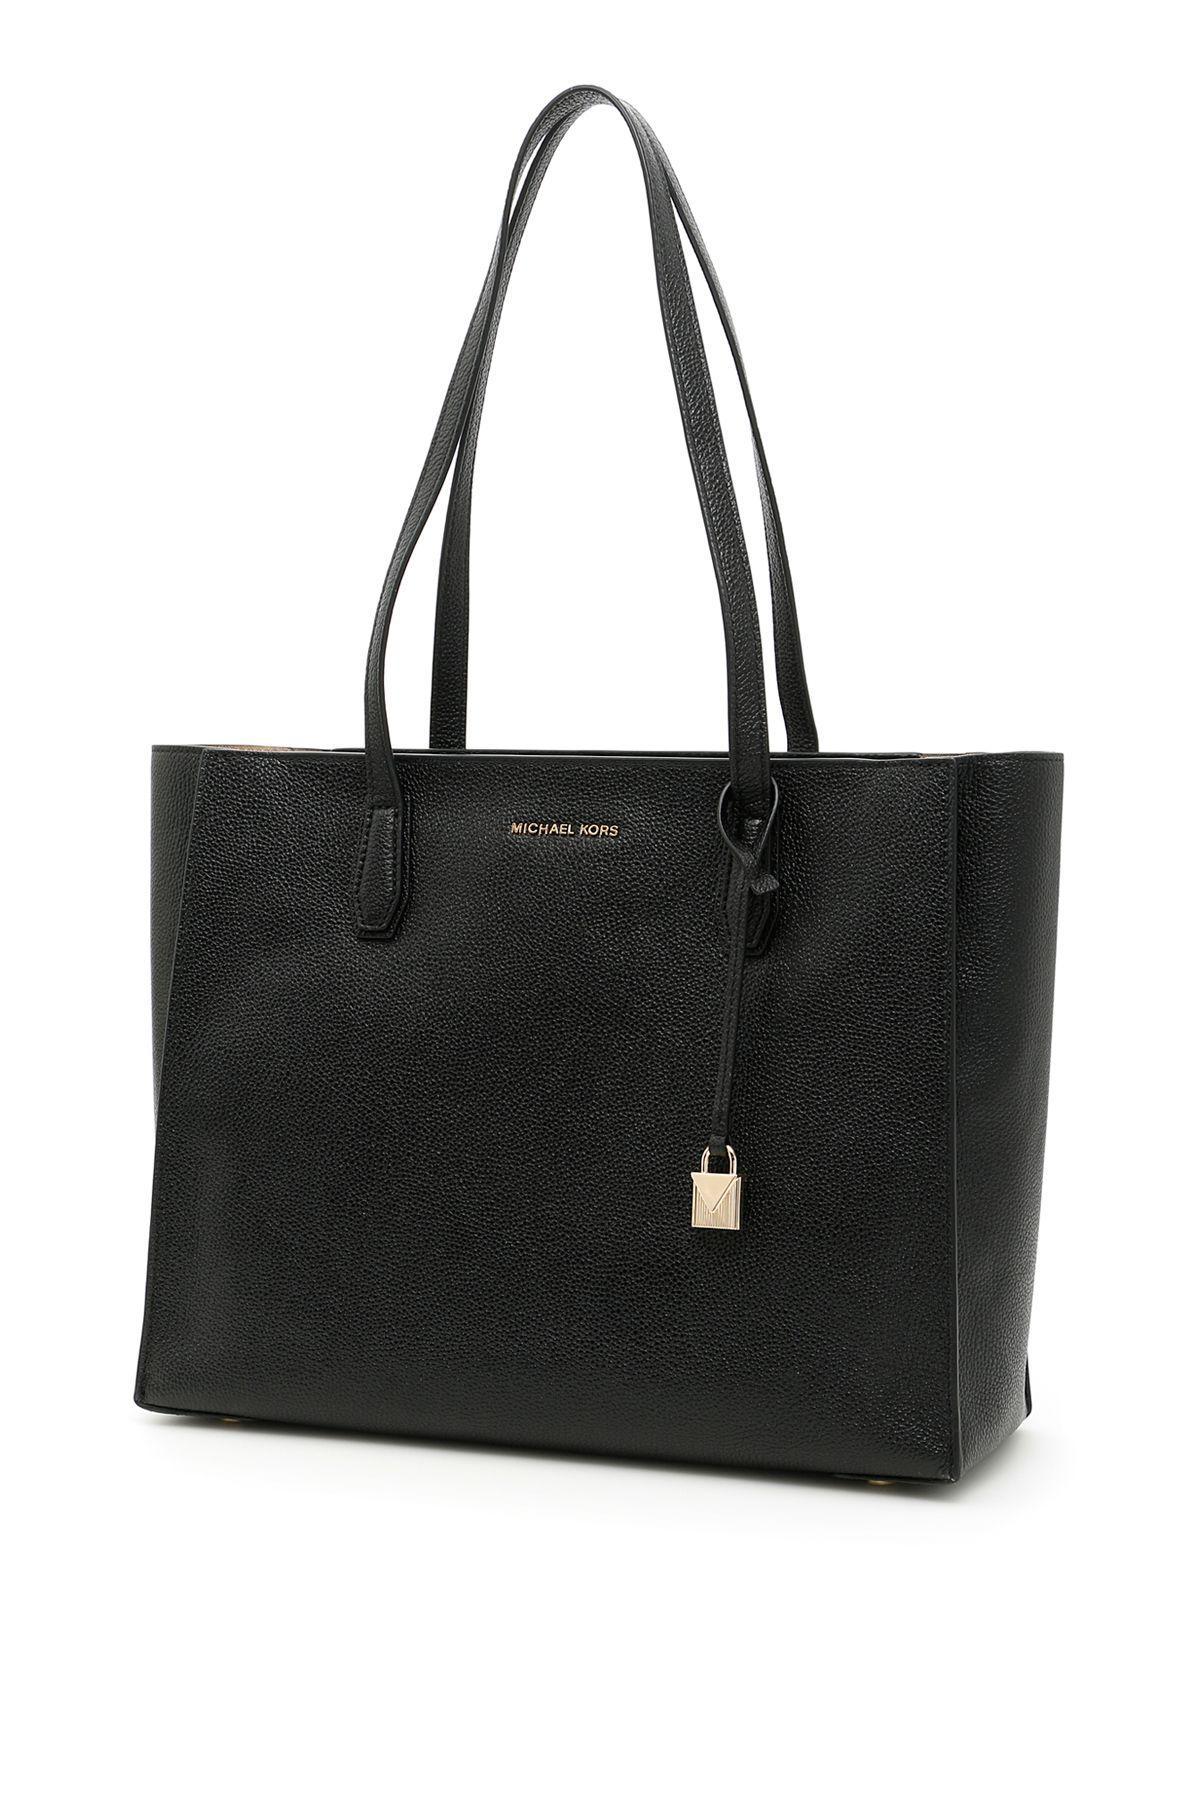 Michael Michael Kors Mercer Tote Bag In Blacknero